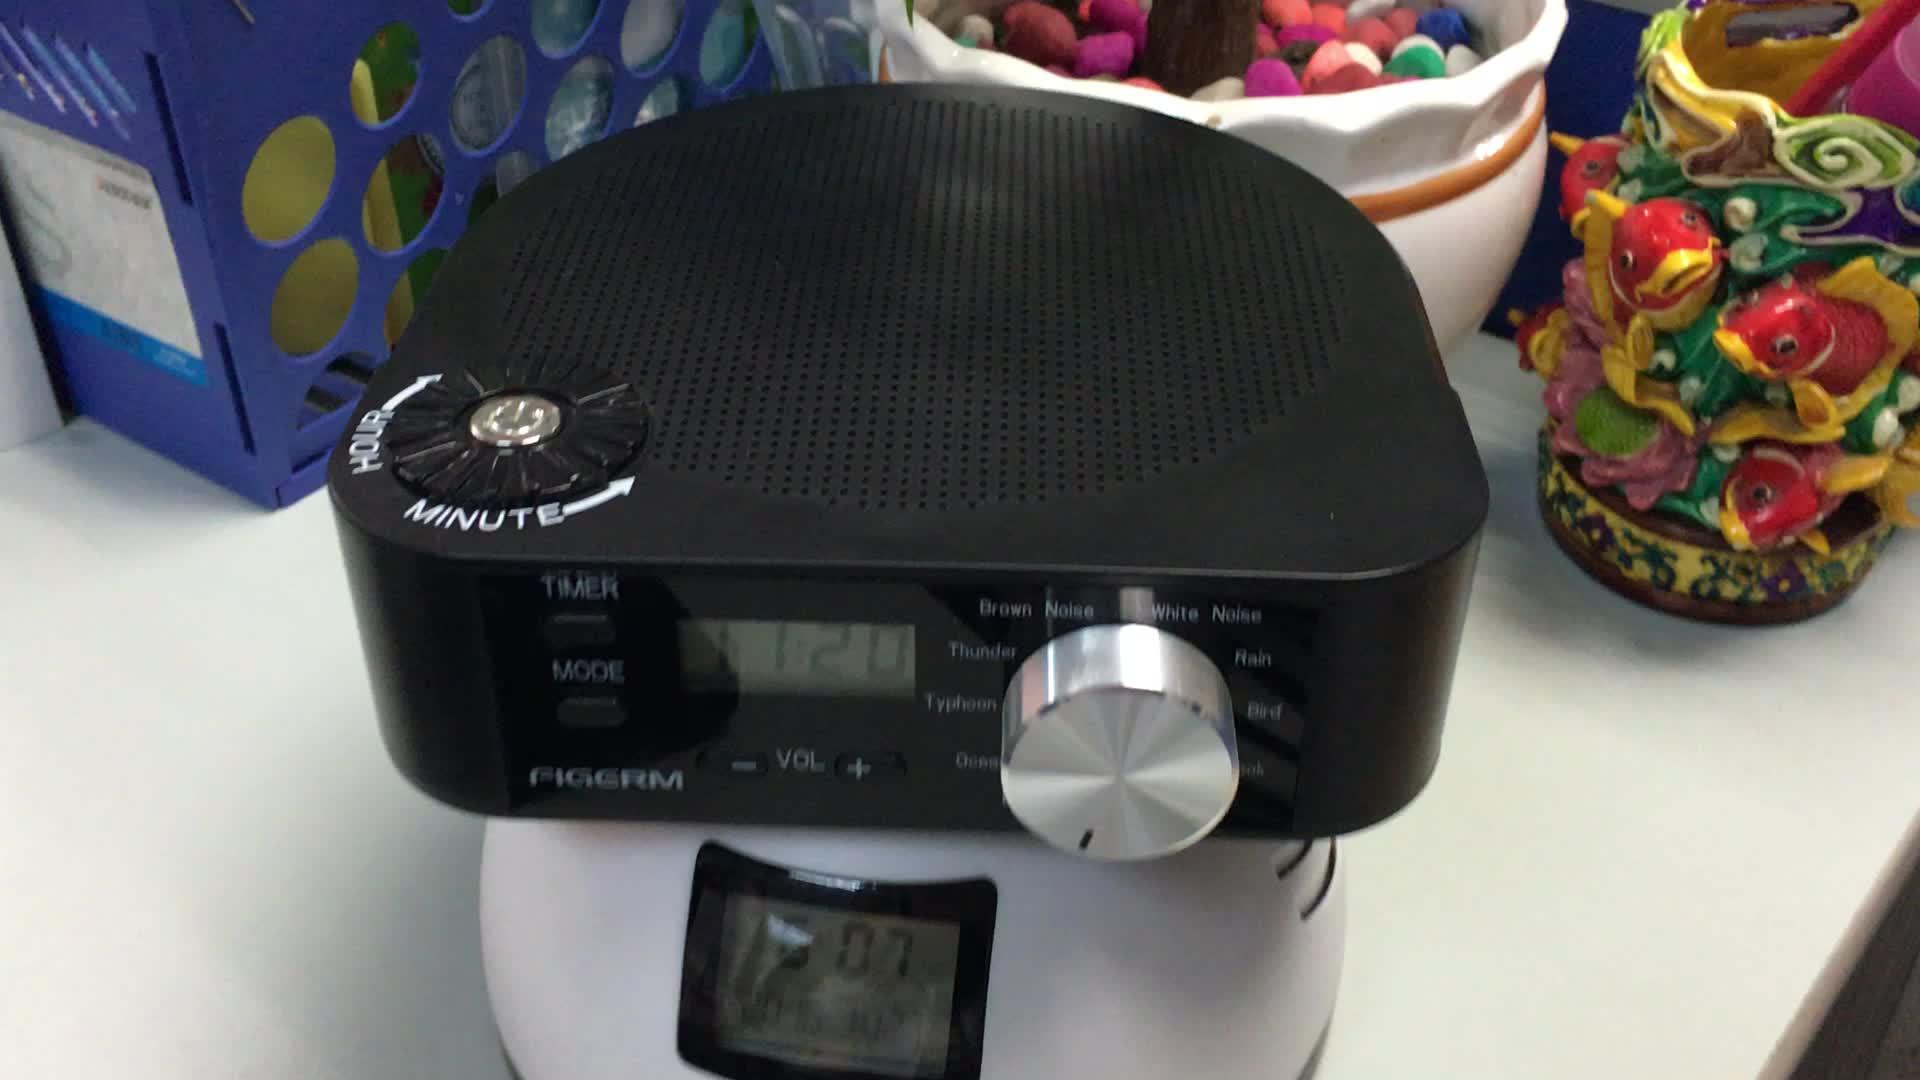 white noise sleeping sound machine